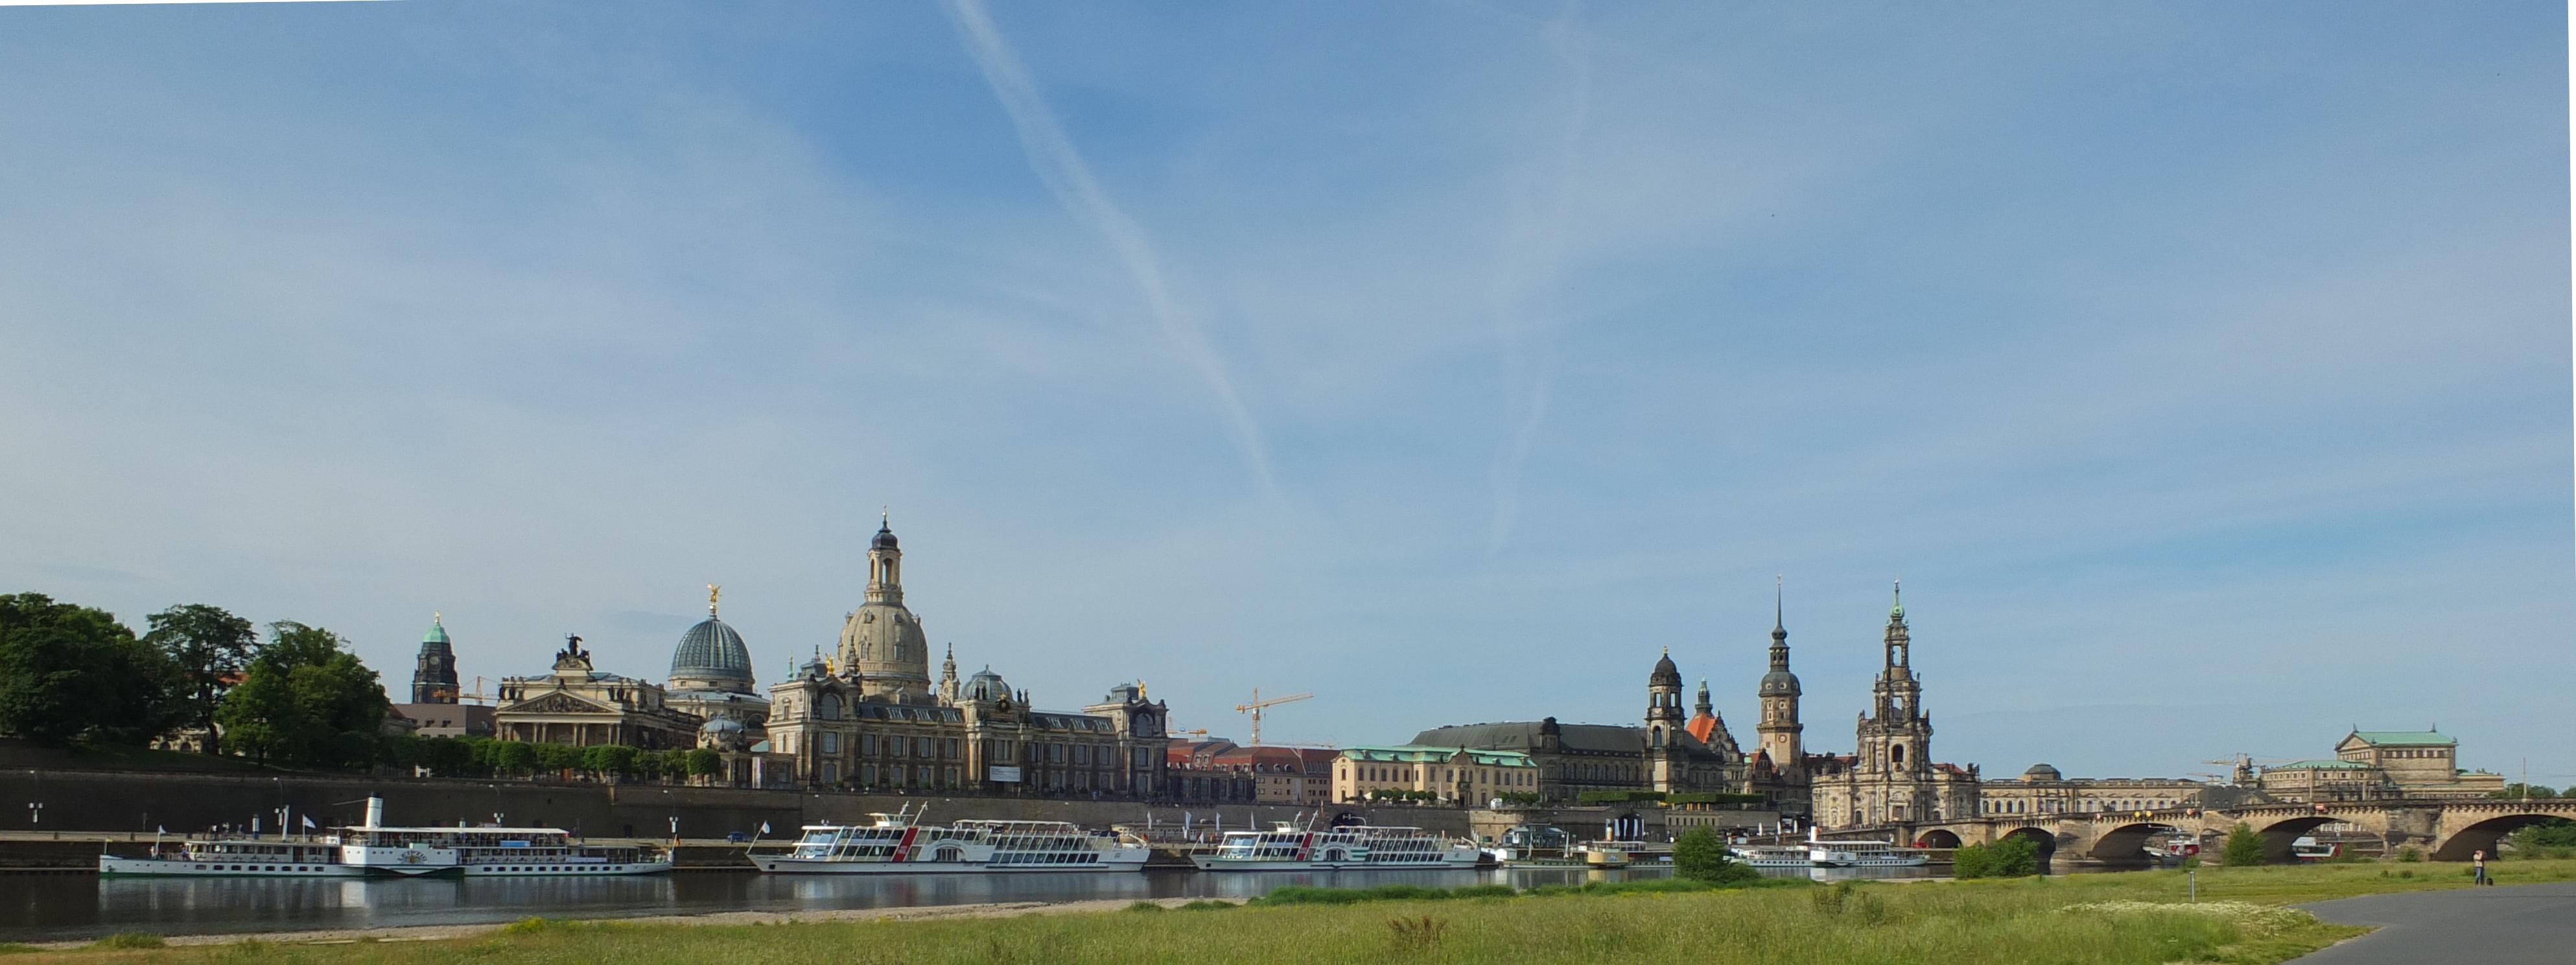 Fesselnde Skyline Dresden Referenz Von File:dresden 03.jpg